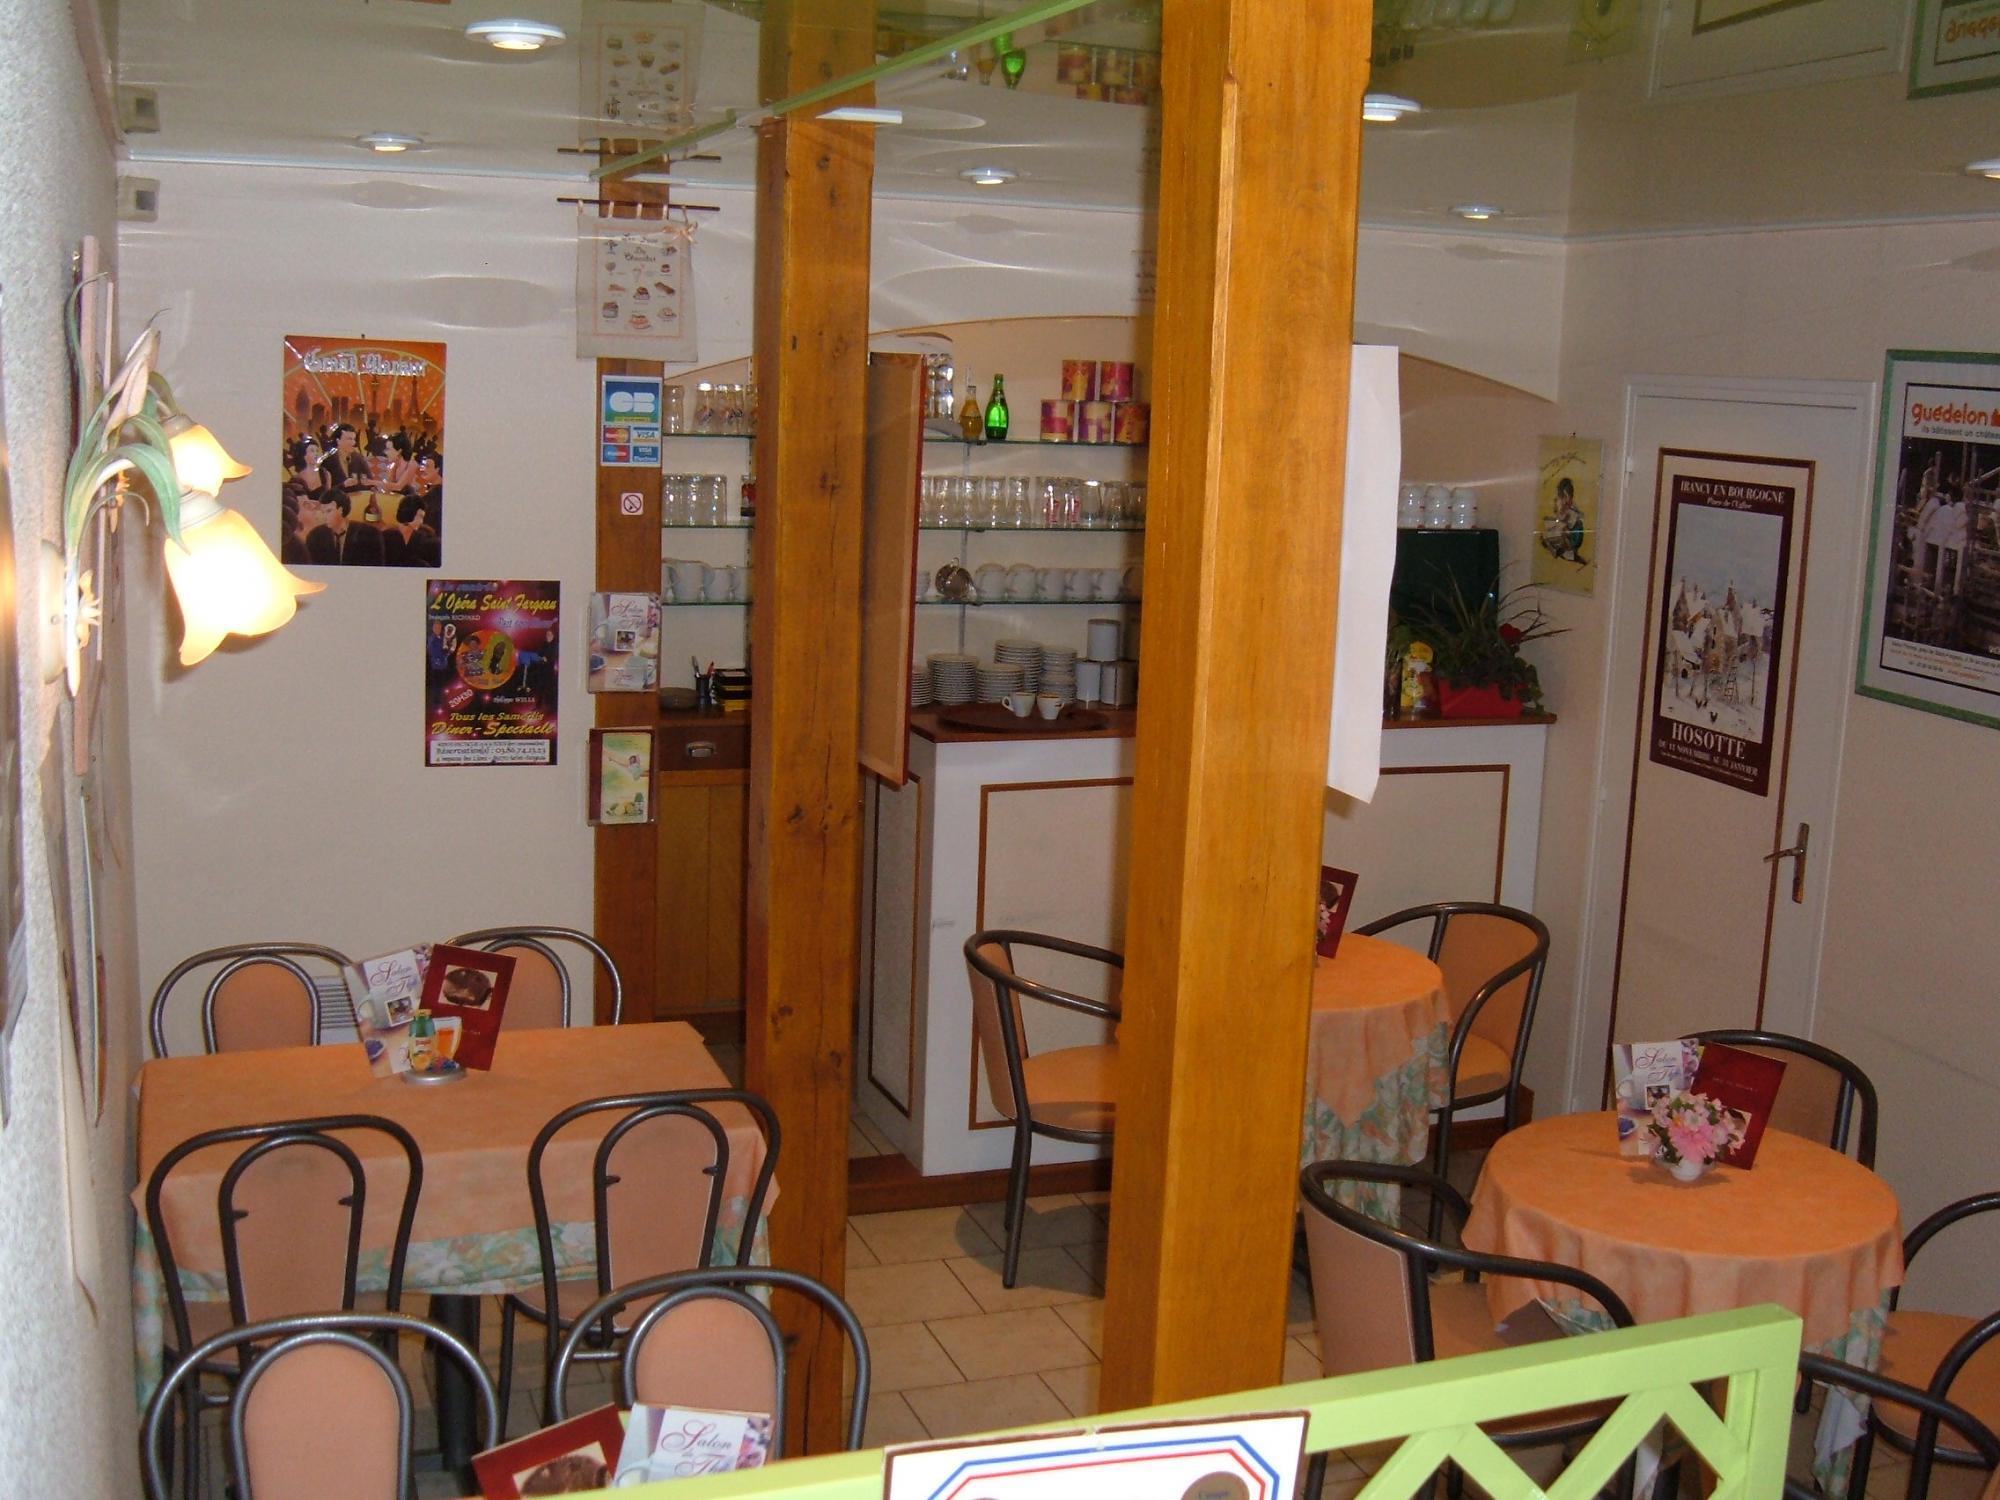 Chocolatier toucy patissier saint fargeau patissier - Patisserie salon de the ...